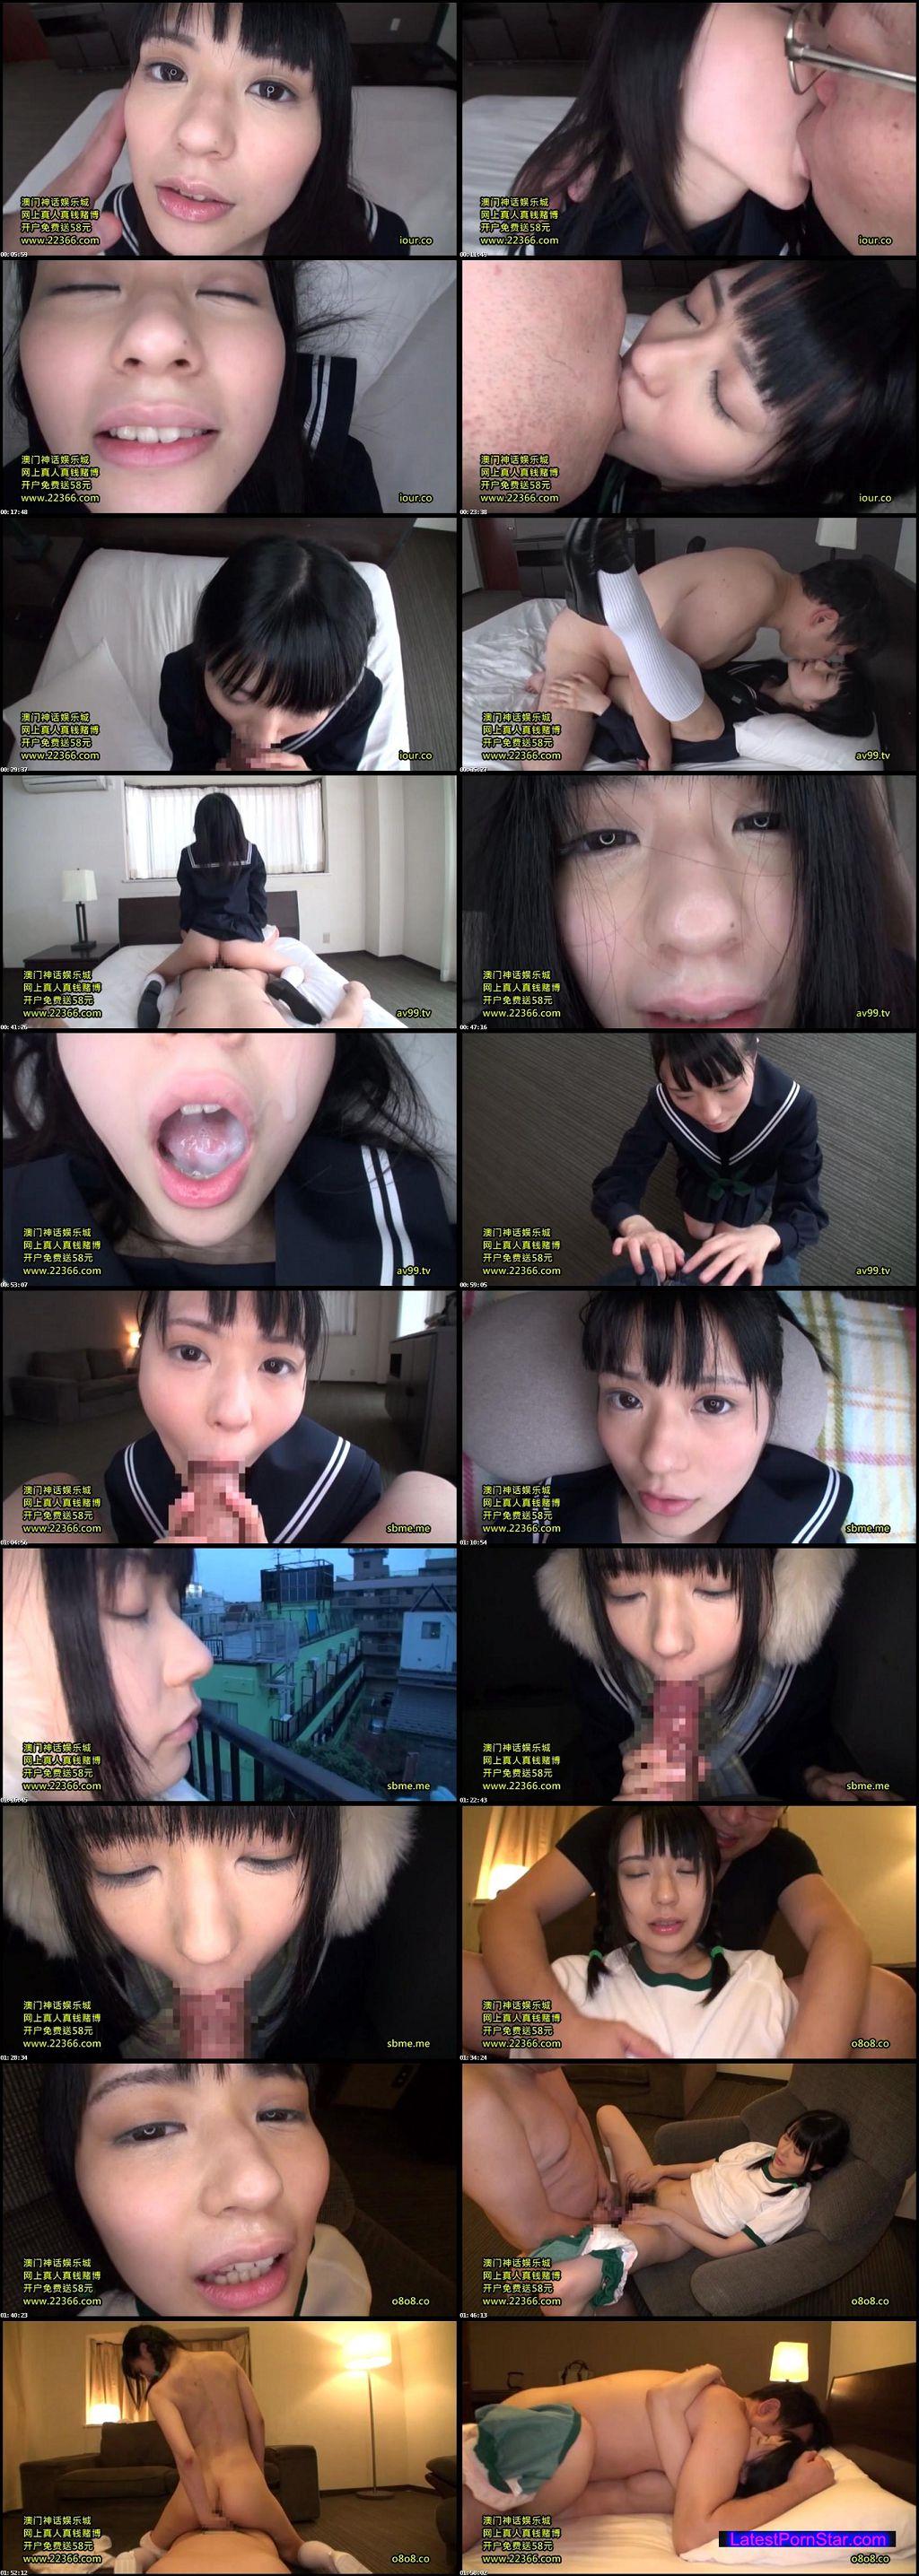 [QBD-079] 制服美少女と性交 幸田ユマ